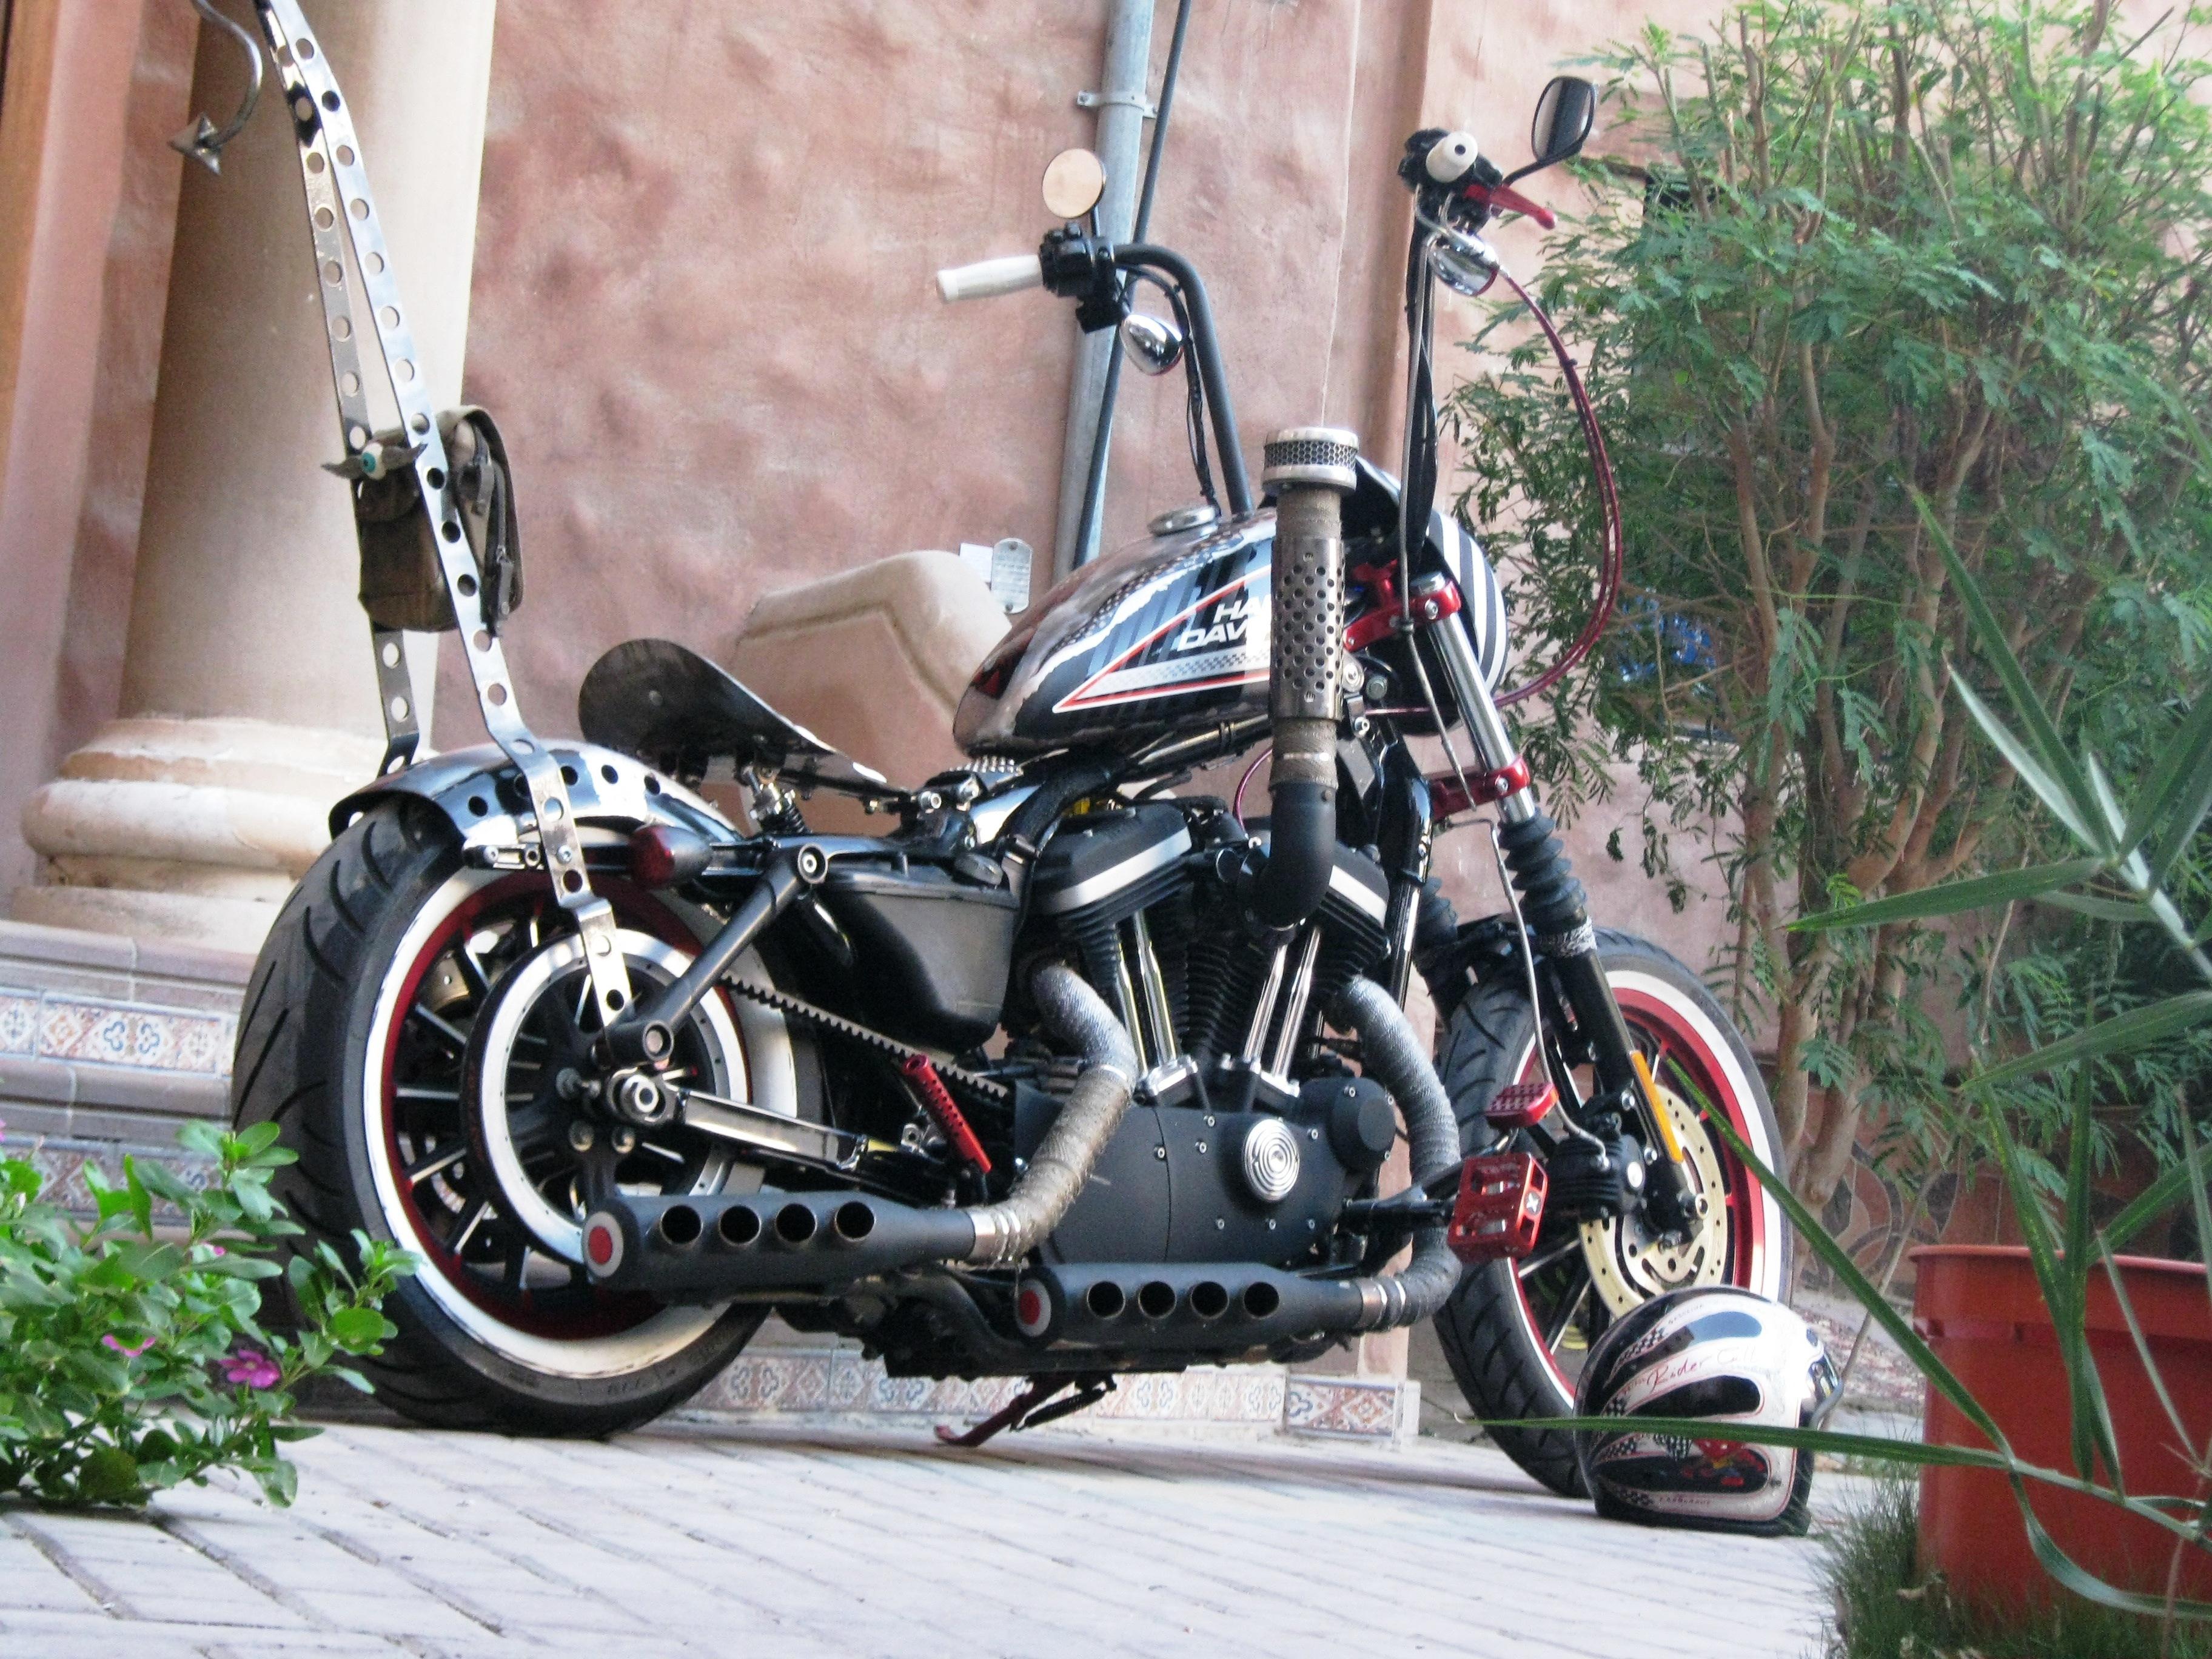 The Firestarter Custom Harley 883 Sportster From Saudi